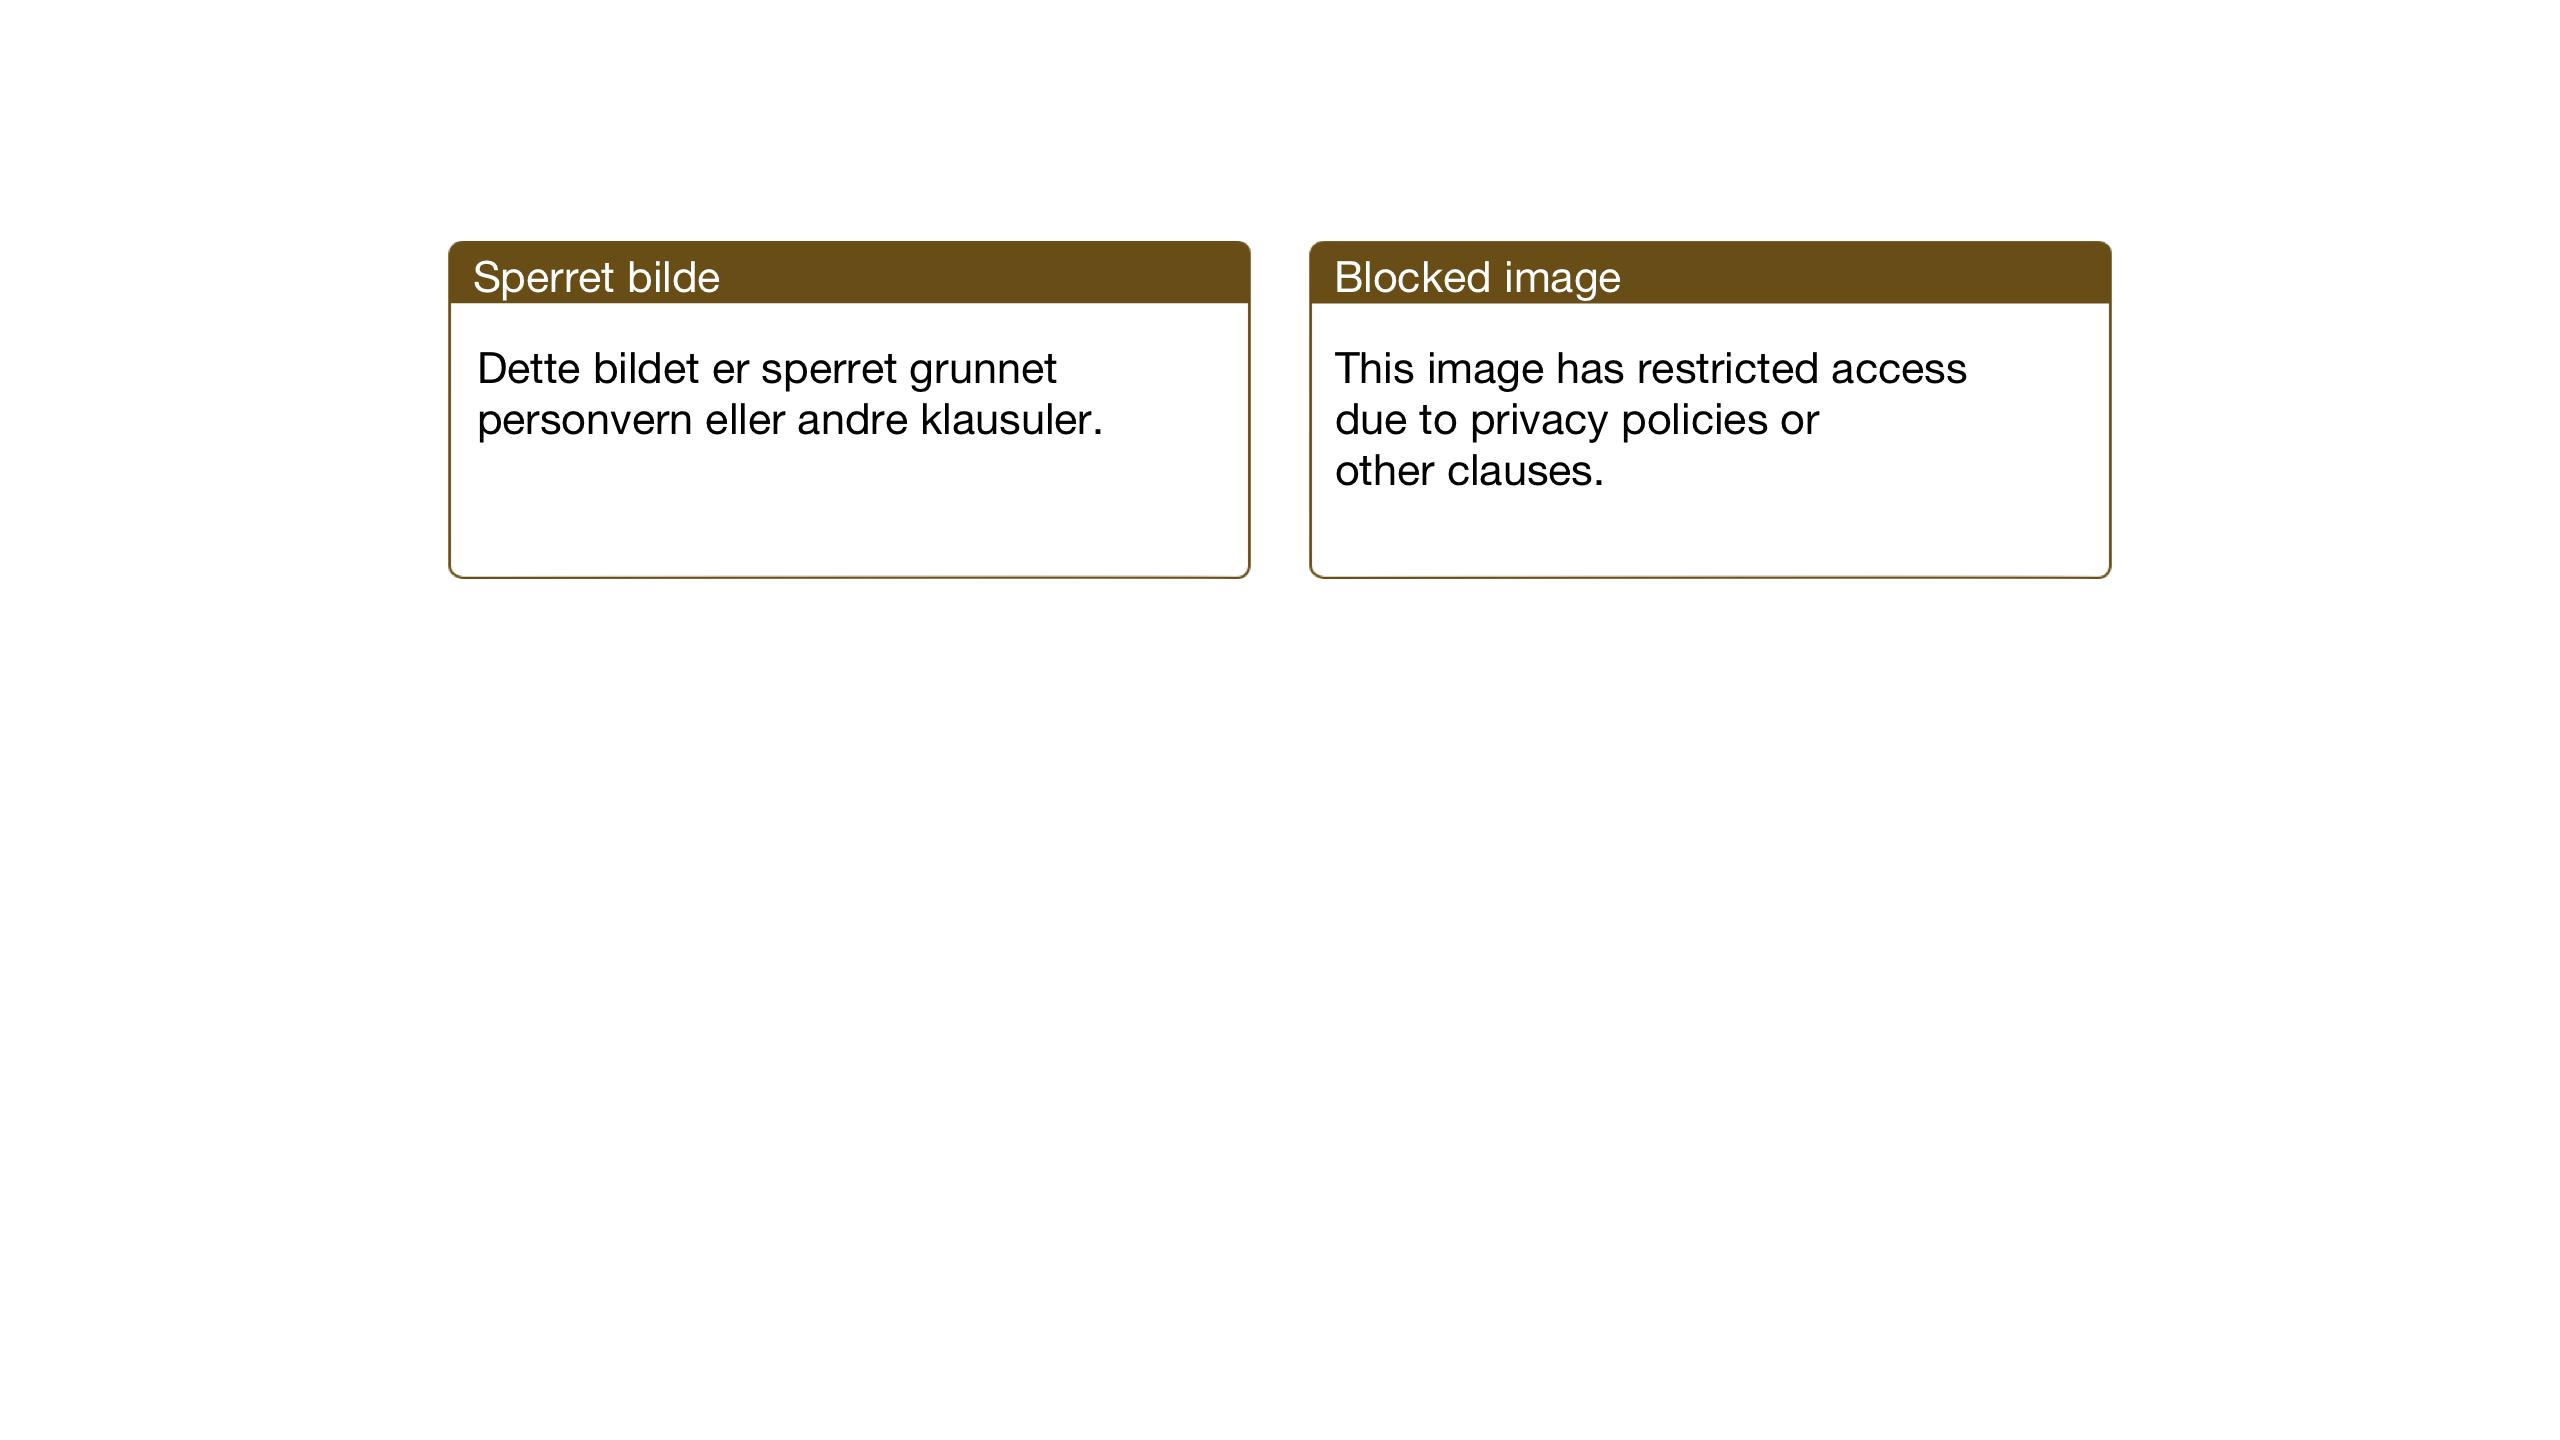 SAT, Ministerialprotokoller, klokkerbøker og fødselsregistre - Nord-Trøndelag, 746/L0456: Klokkerbok nr. 746C02, 1936-1948, s. 36